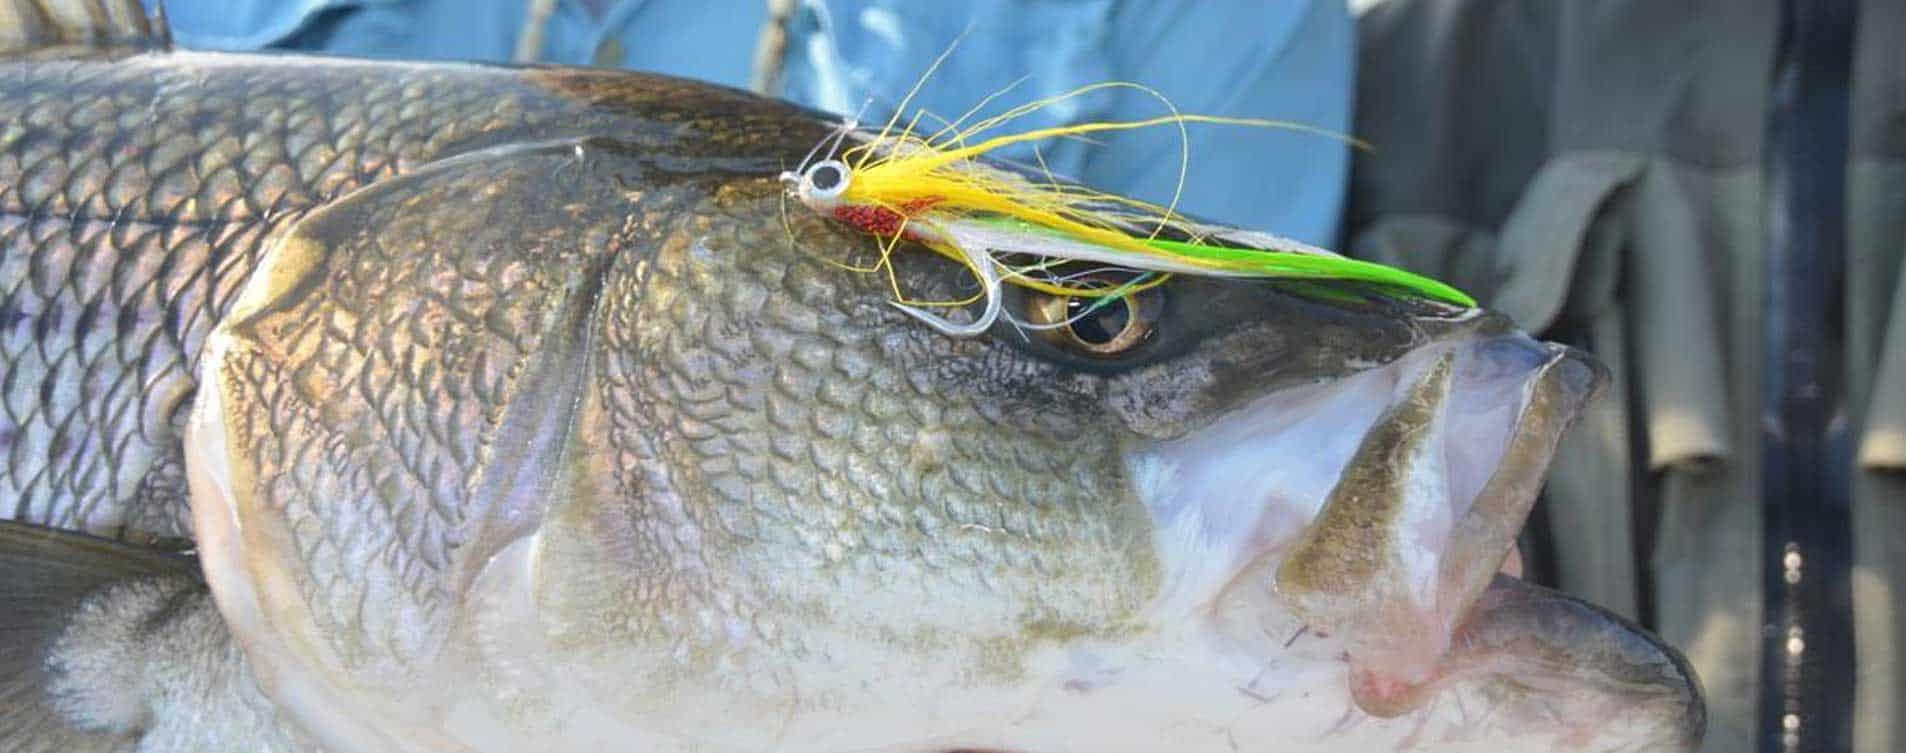 Striped bass closeup fly fishing nh shoals shoals fly for Bass fishing nh